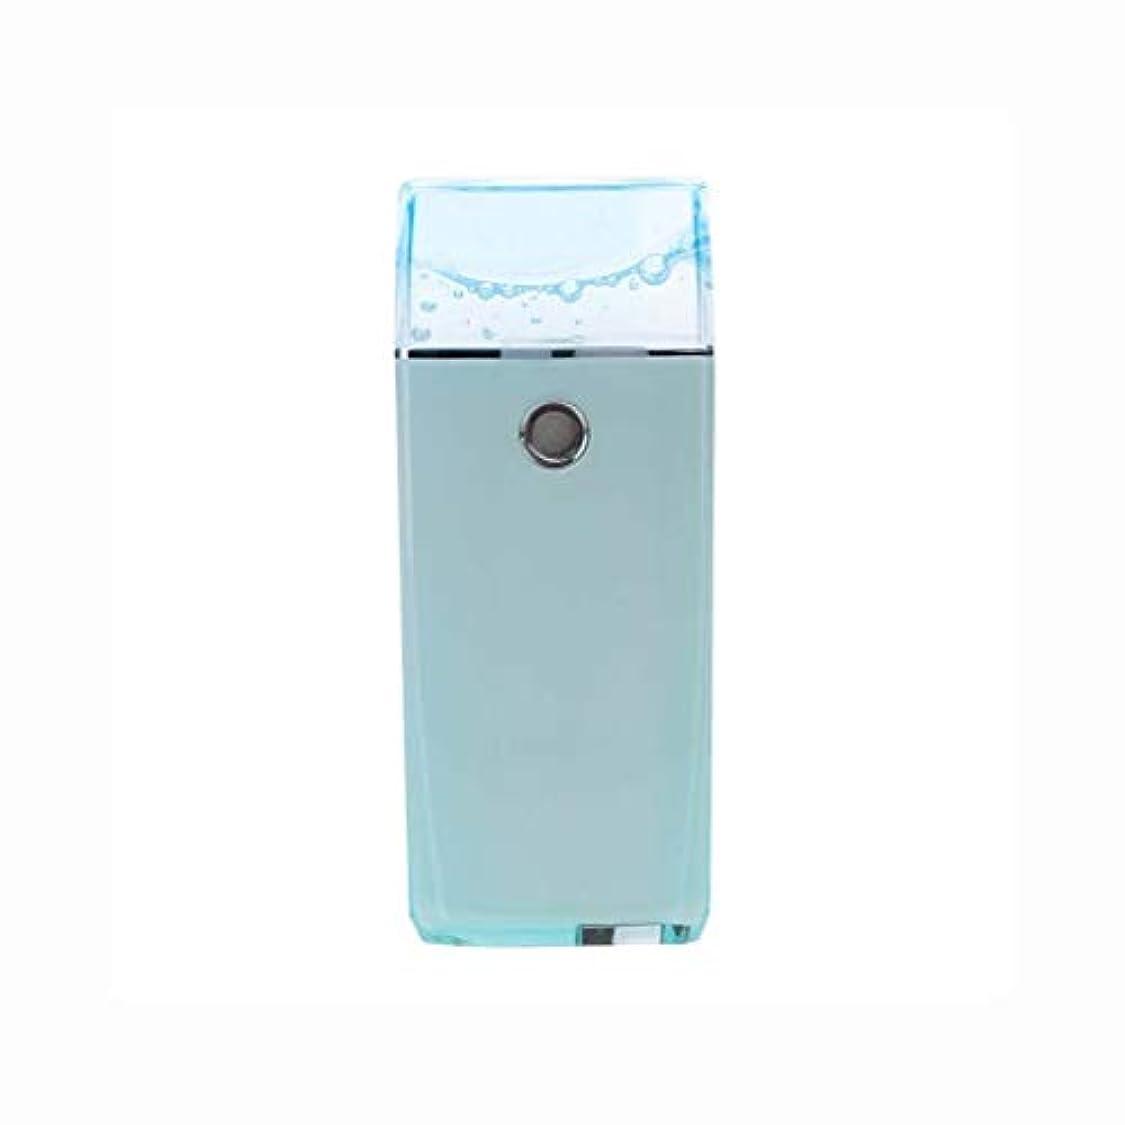 鼻中断効能フェイシャルスチームエンジンナノスプレー水和機器ハンドヘルドポータブルコールドスプレー加湿スチームフェイス (色 : 青)